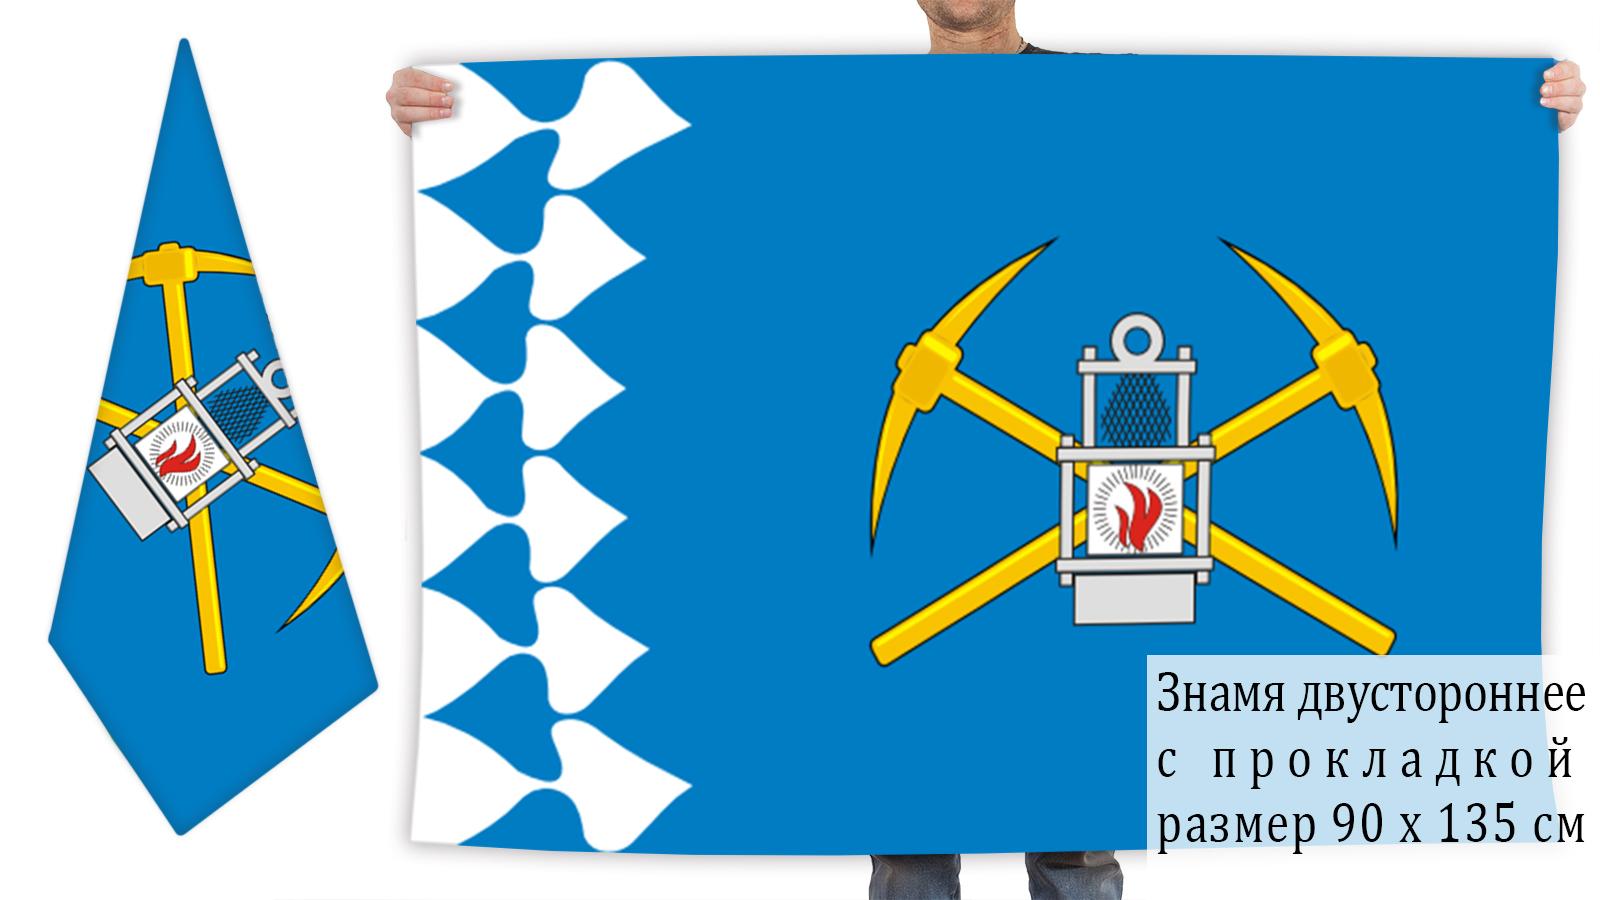 Двусторонний флаг города Белово